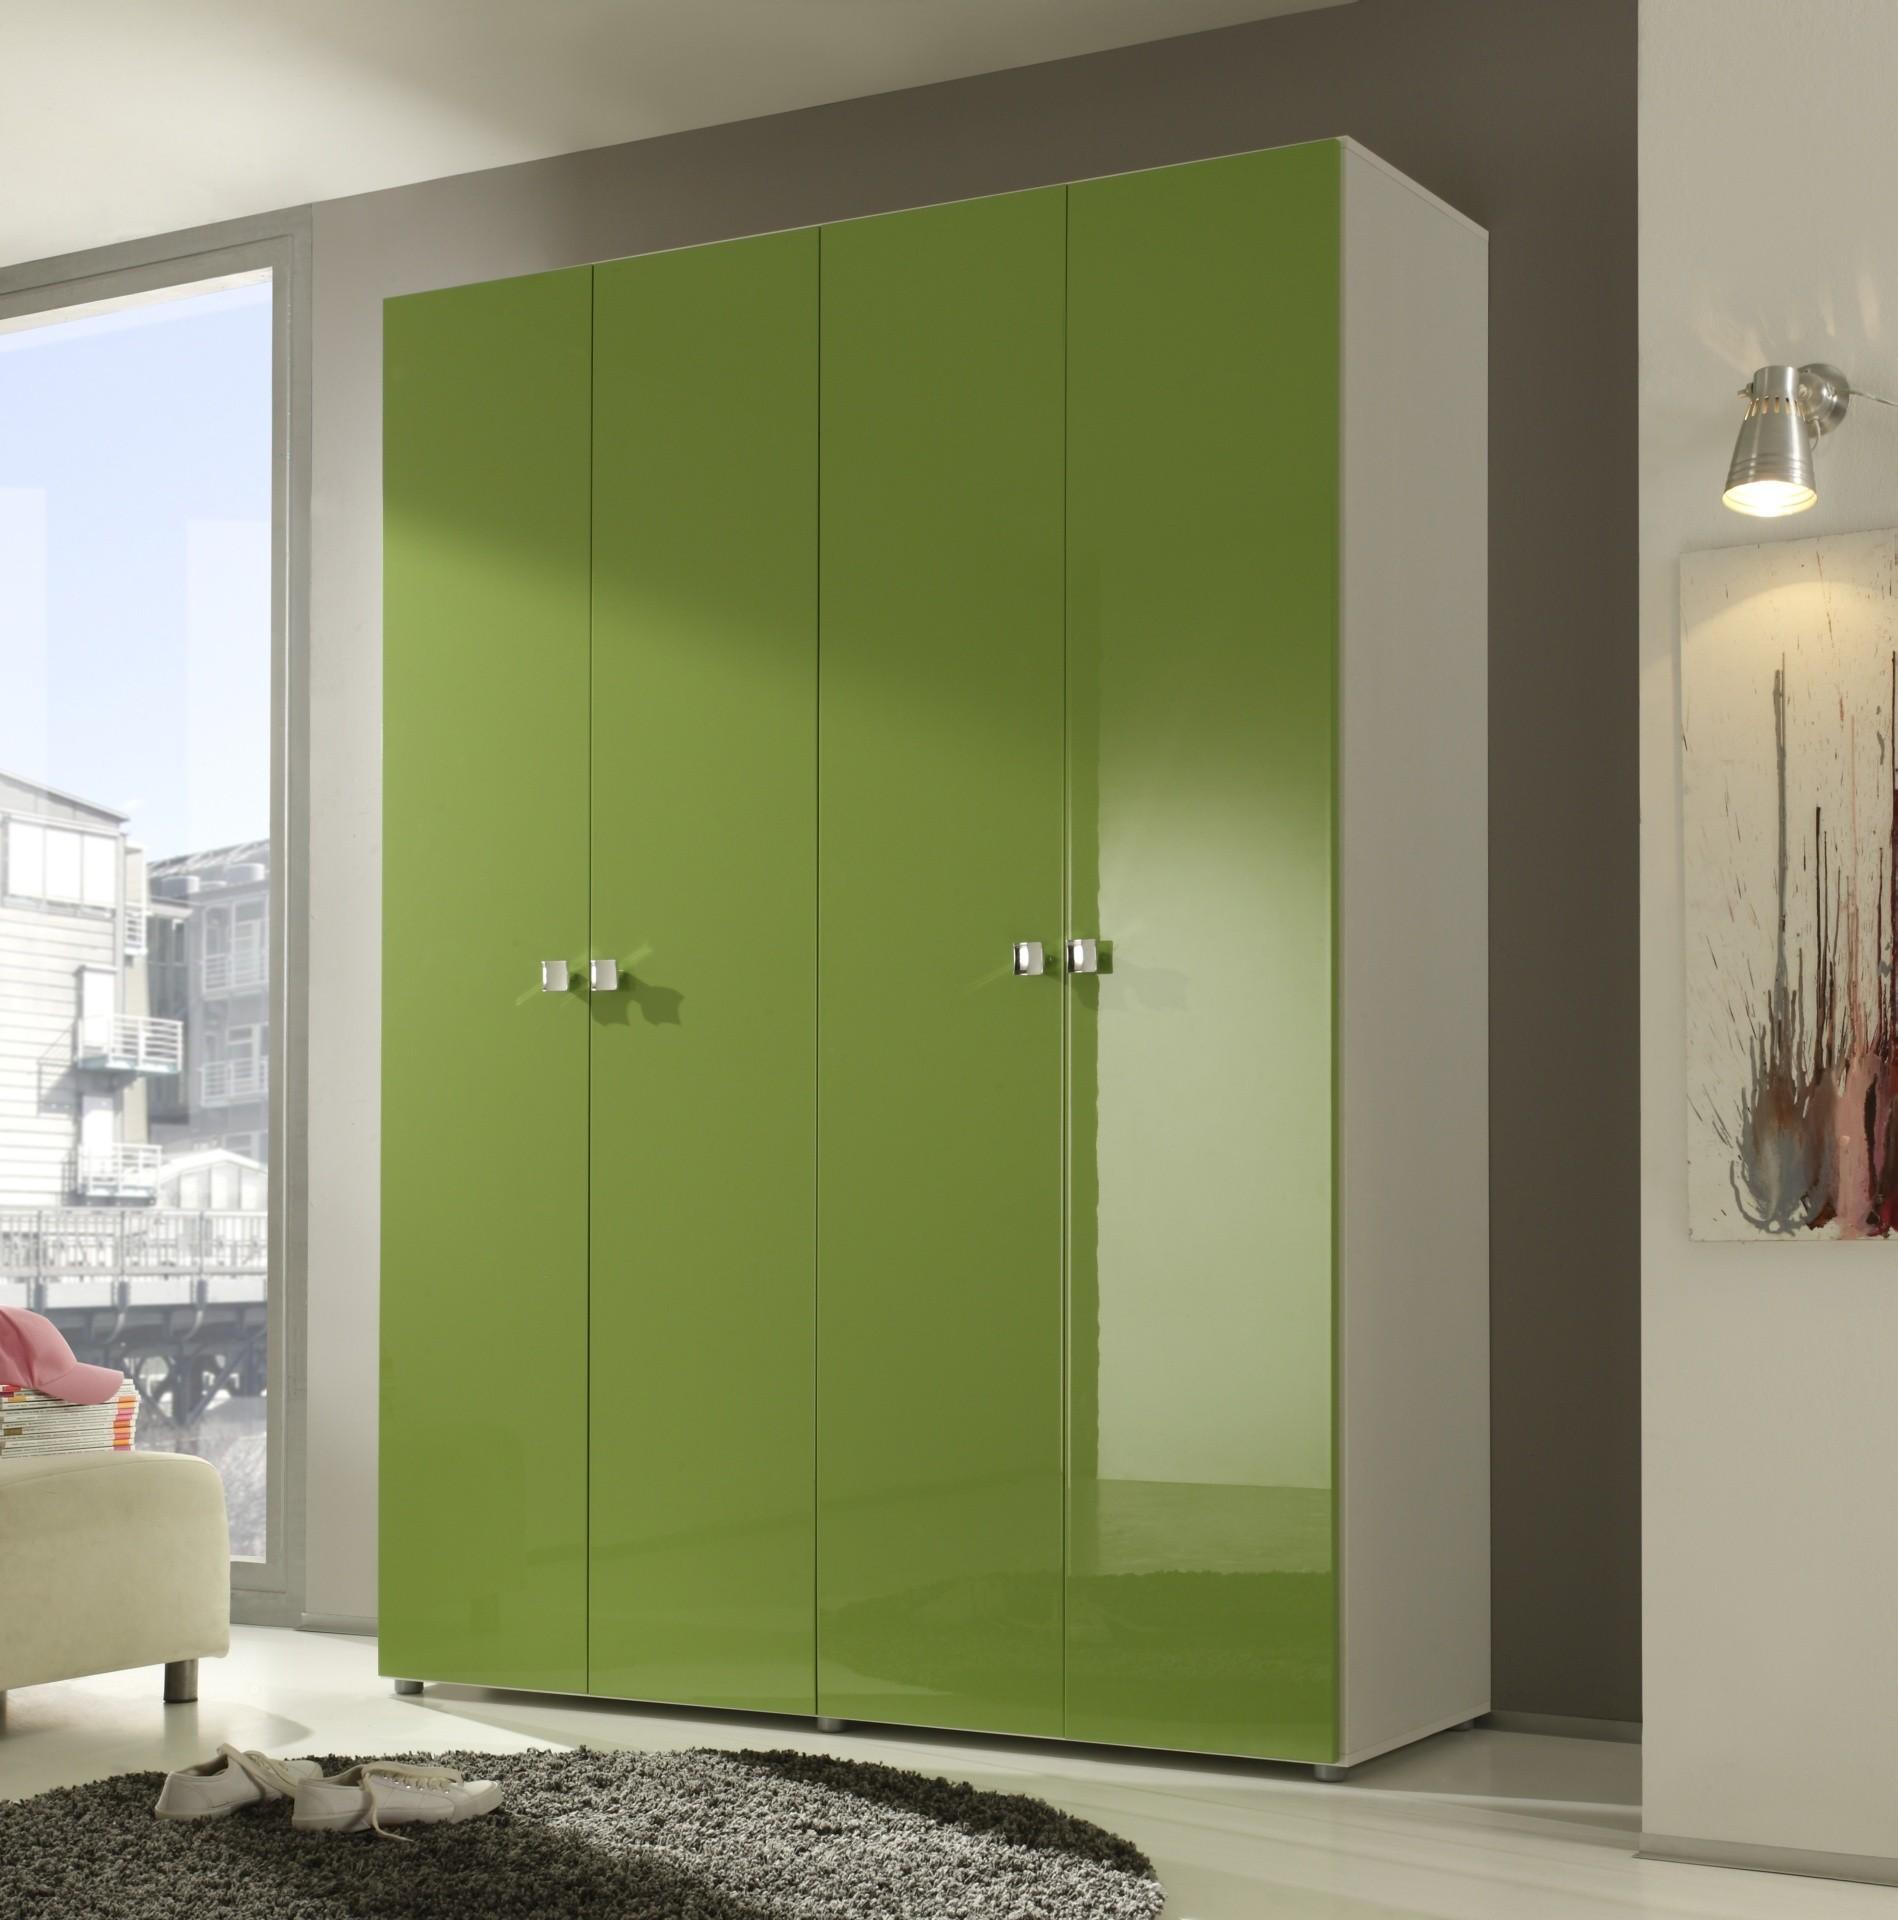 armoire 4 portes battantes 4 portes multi dimensions multi couleurs. Black Bedroom Furniture Sets. Home Design Ideas